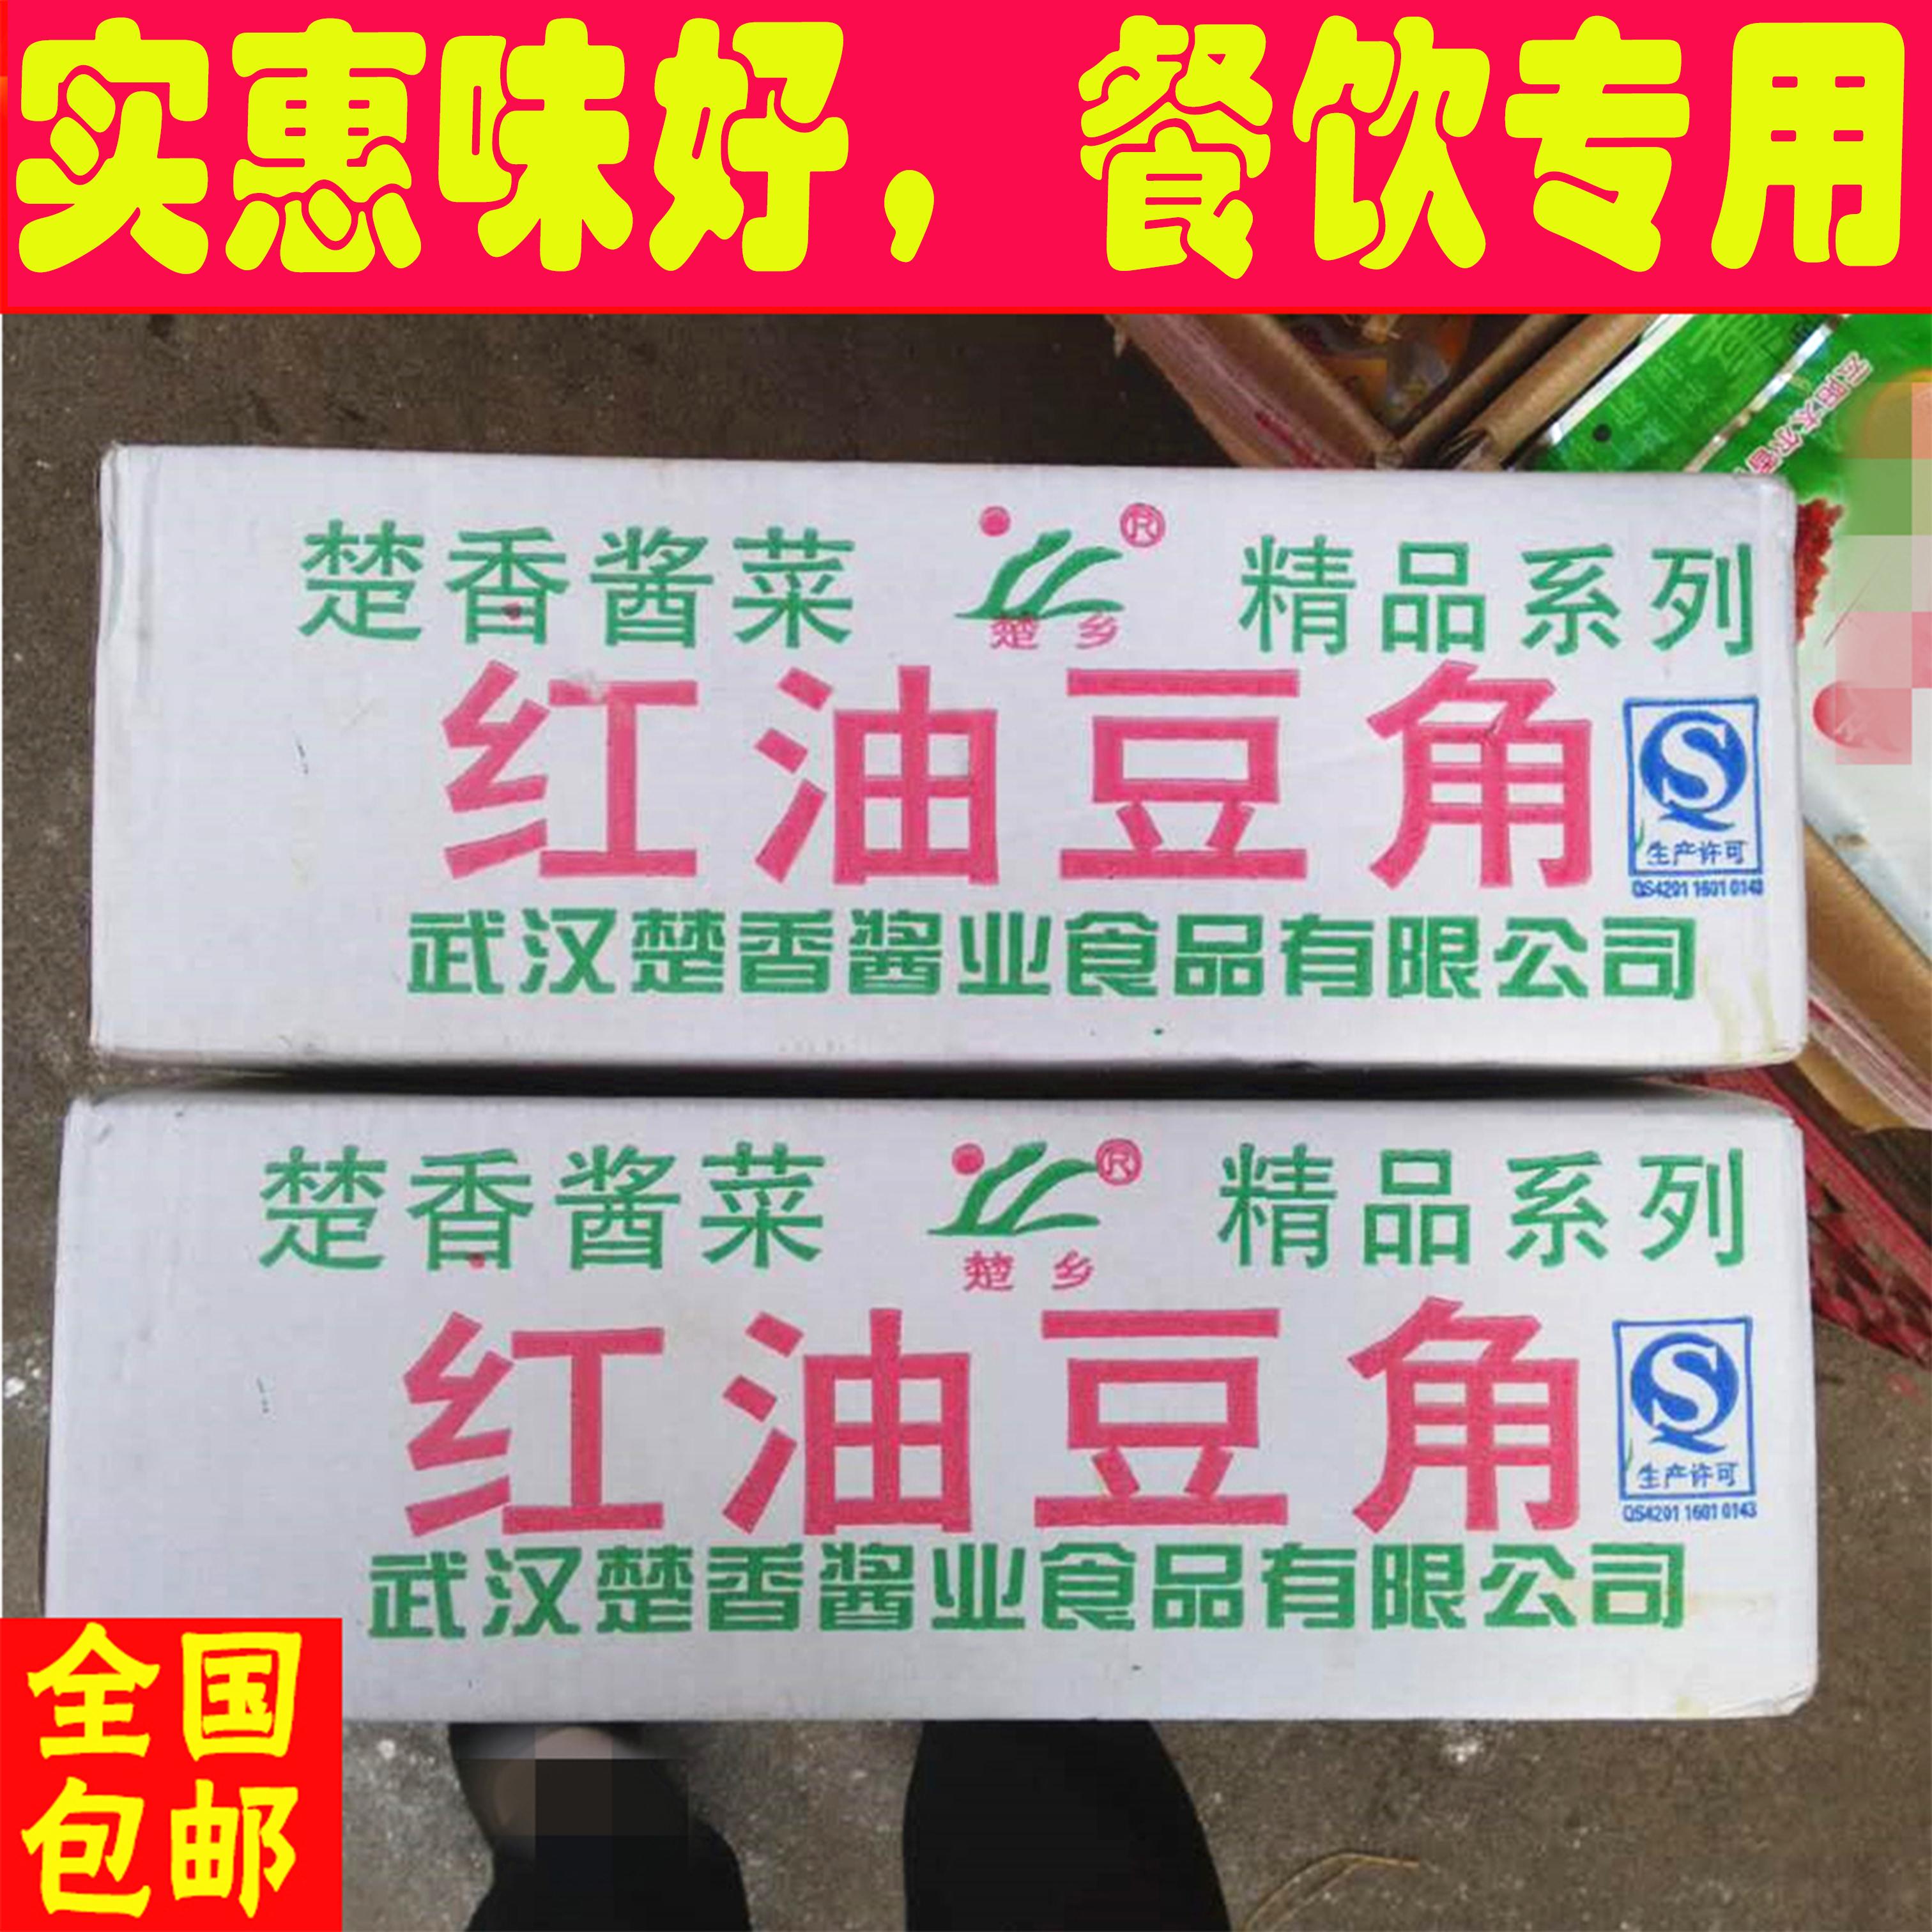 楚香麻辣香脆�t油酸豆角�糁�9.5斤 特�a包�]酸豇豆�岣擅娲�n